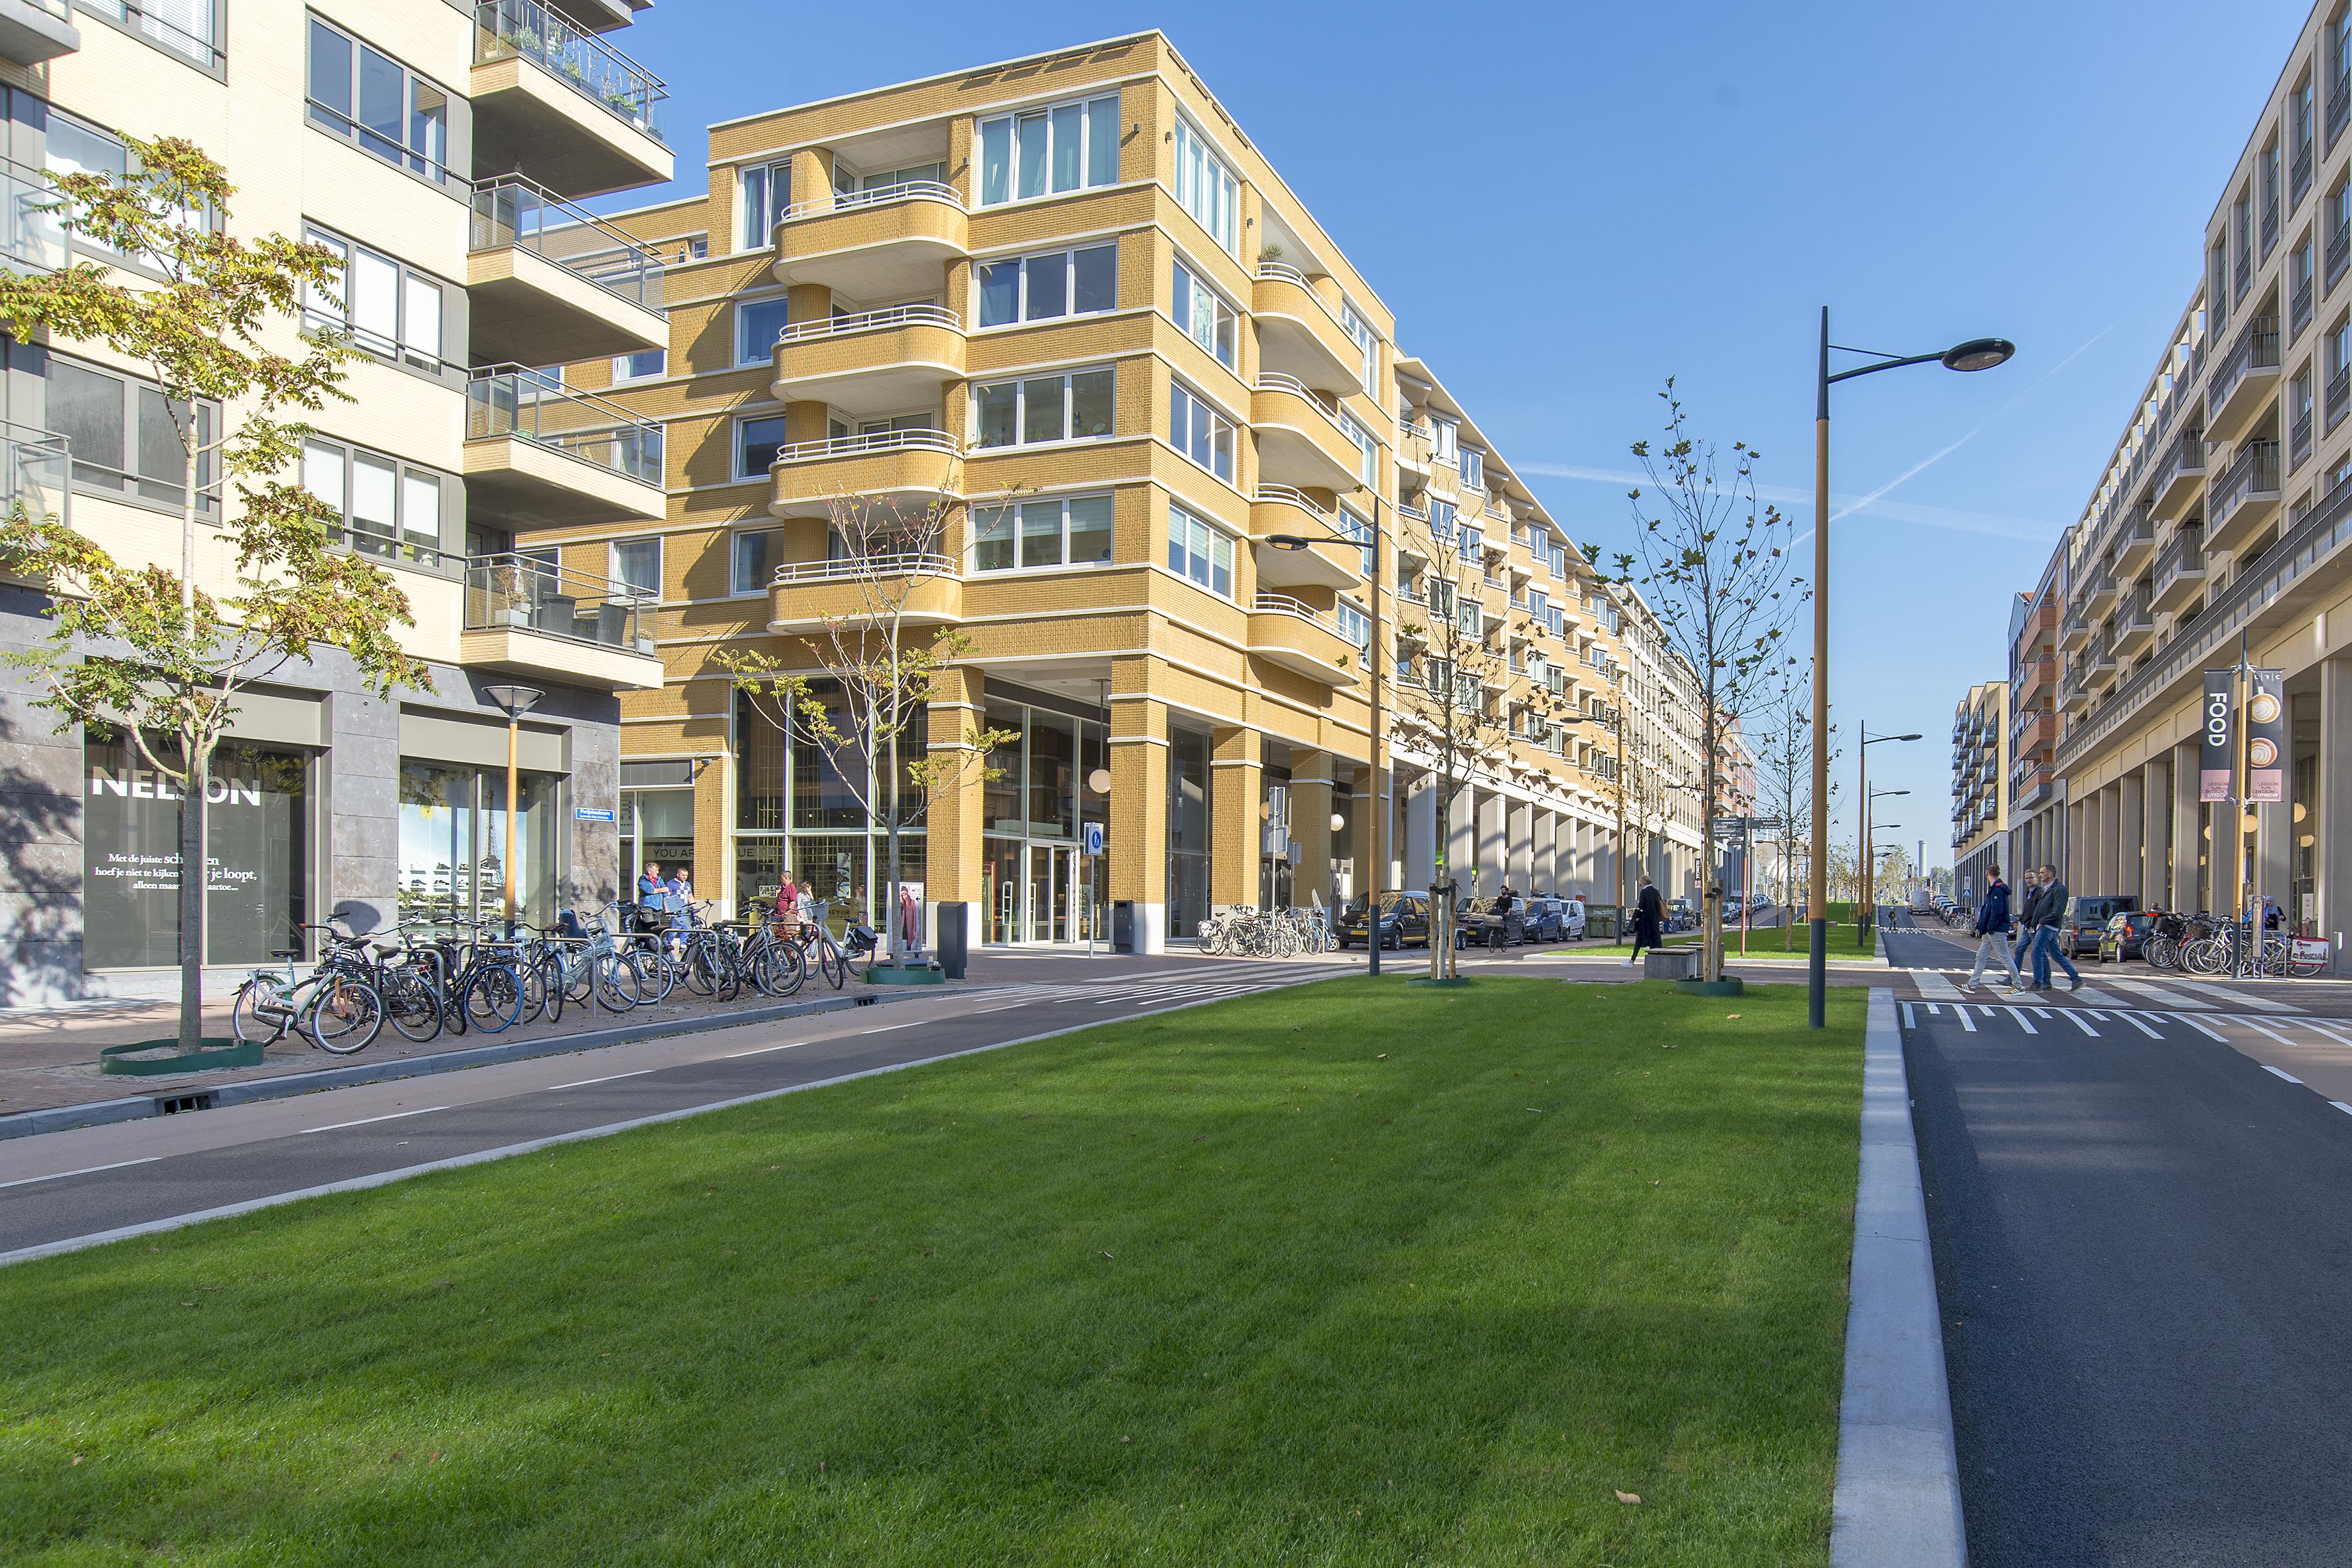 <p>De Parijsboulevard looopt in oostelijke richting op. Links AWG Architecten, rechts Geurst &#038; Schulze Architecten.</p>